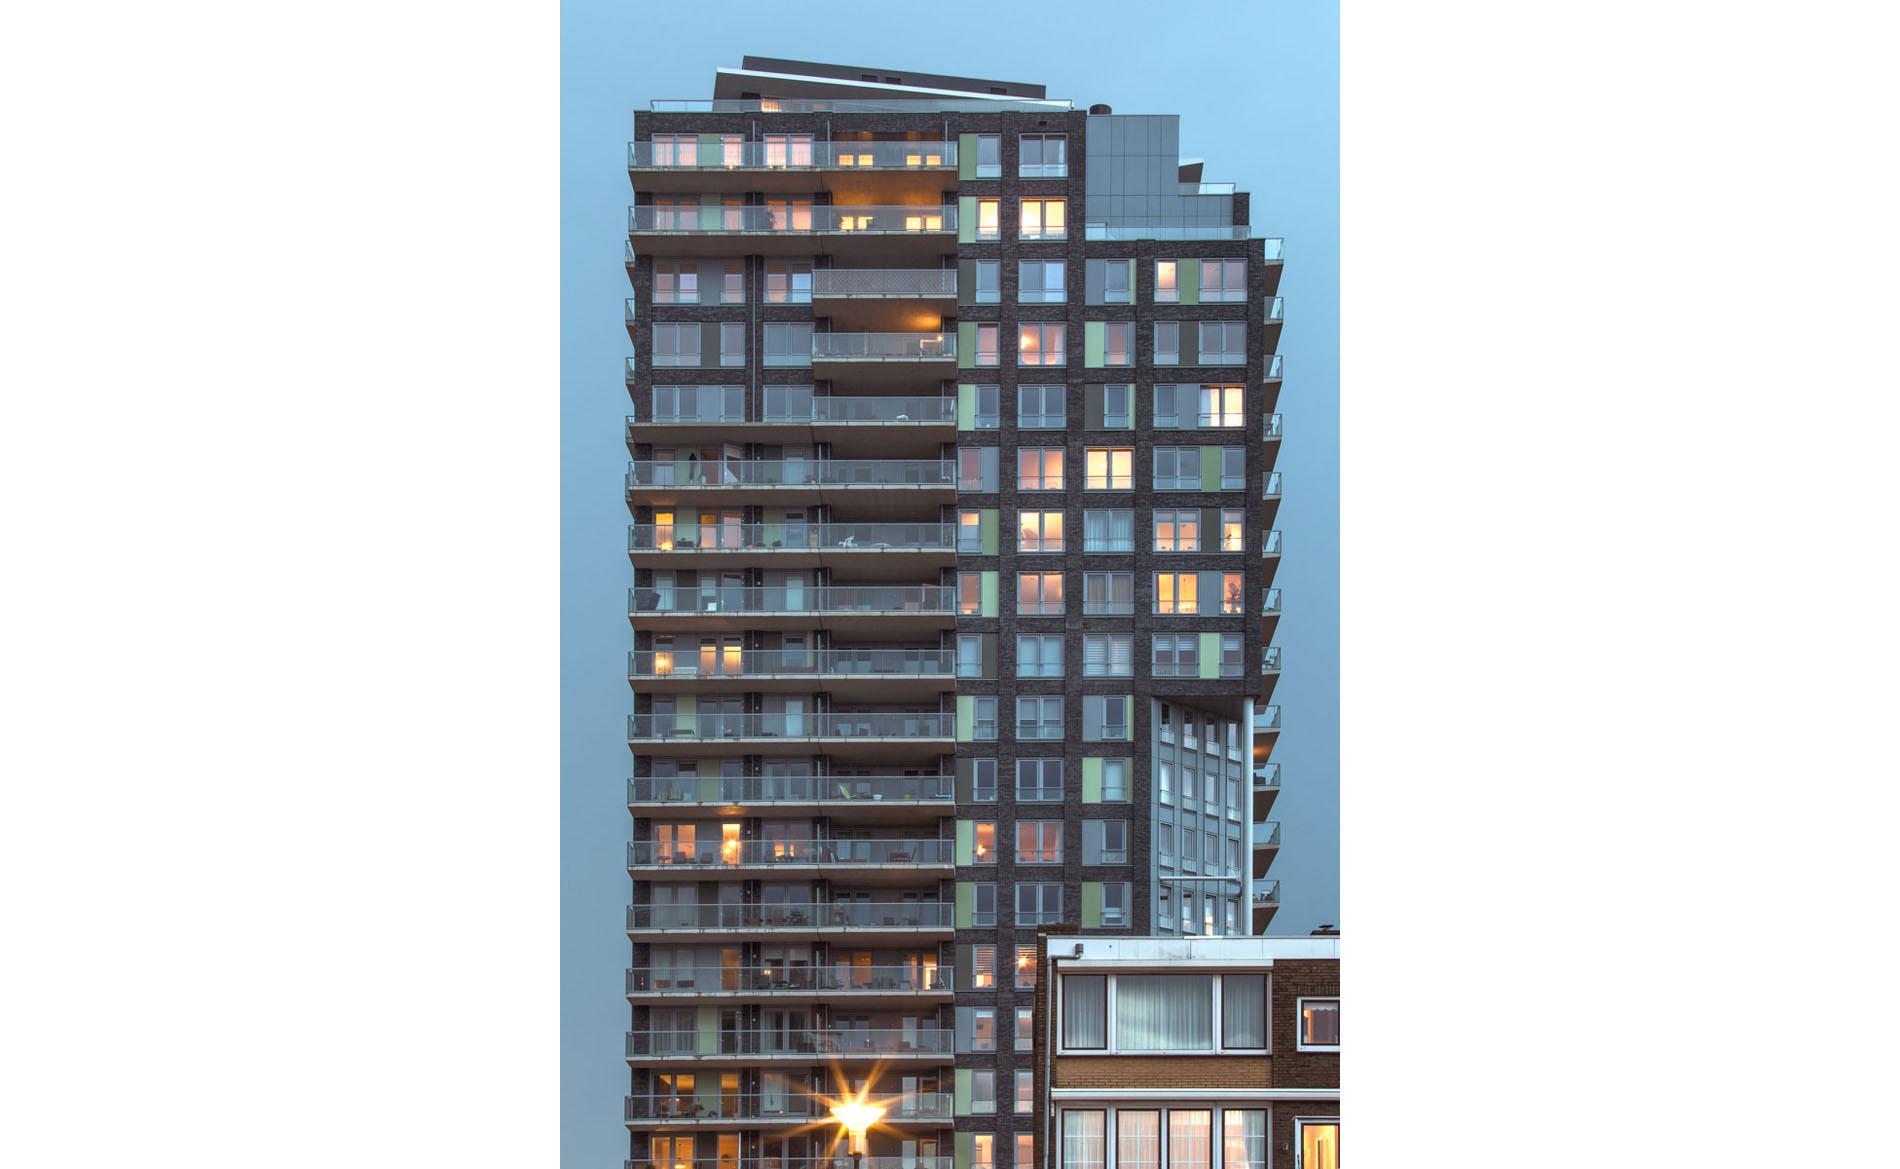 architect woningbouw appartementen hoogbouw woontoren herstructurering Wijkerbaan BBHD architecten